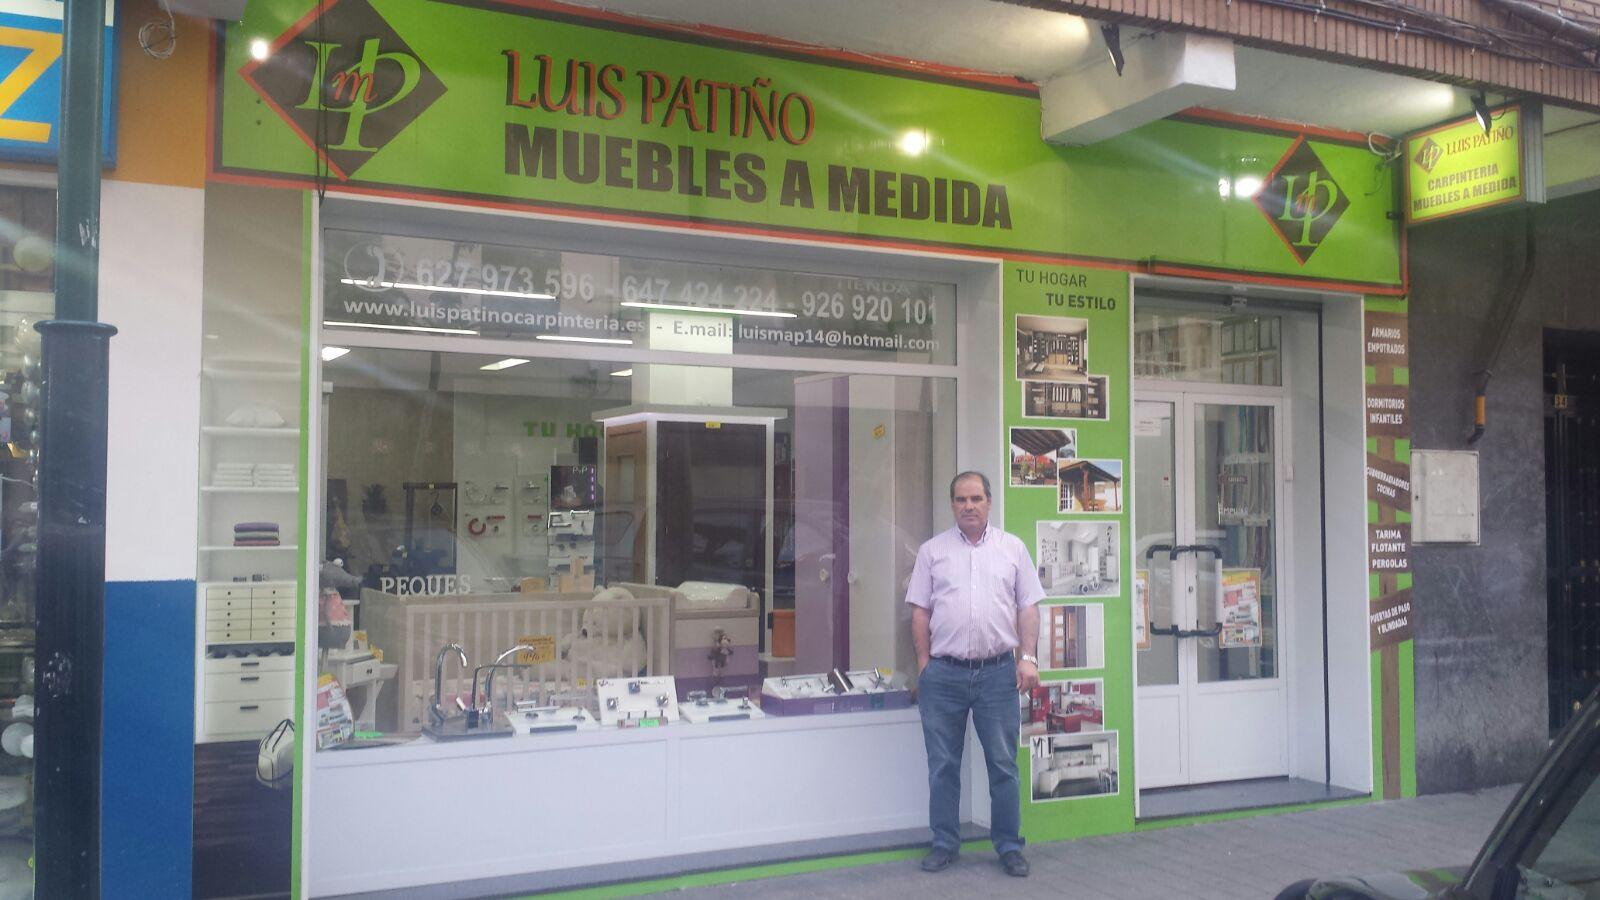 Luis Patiño Muebles a medida abre sus puertas en Ciudad Real